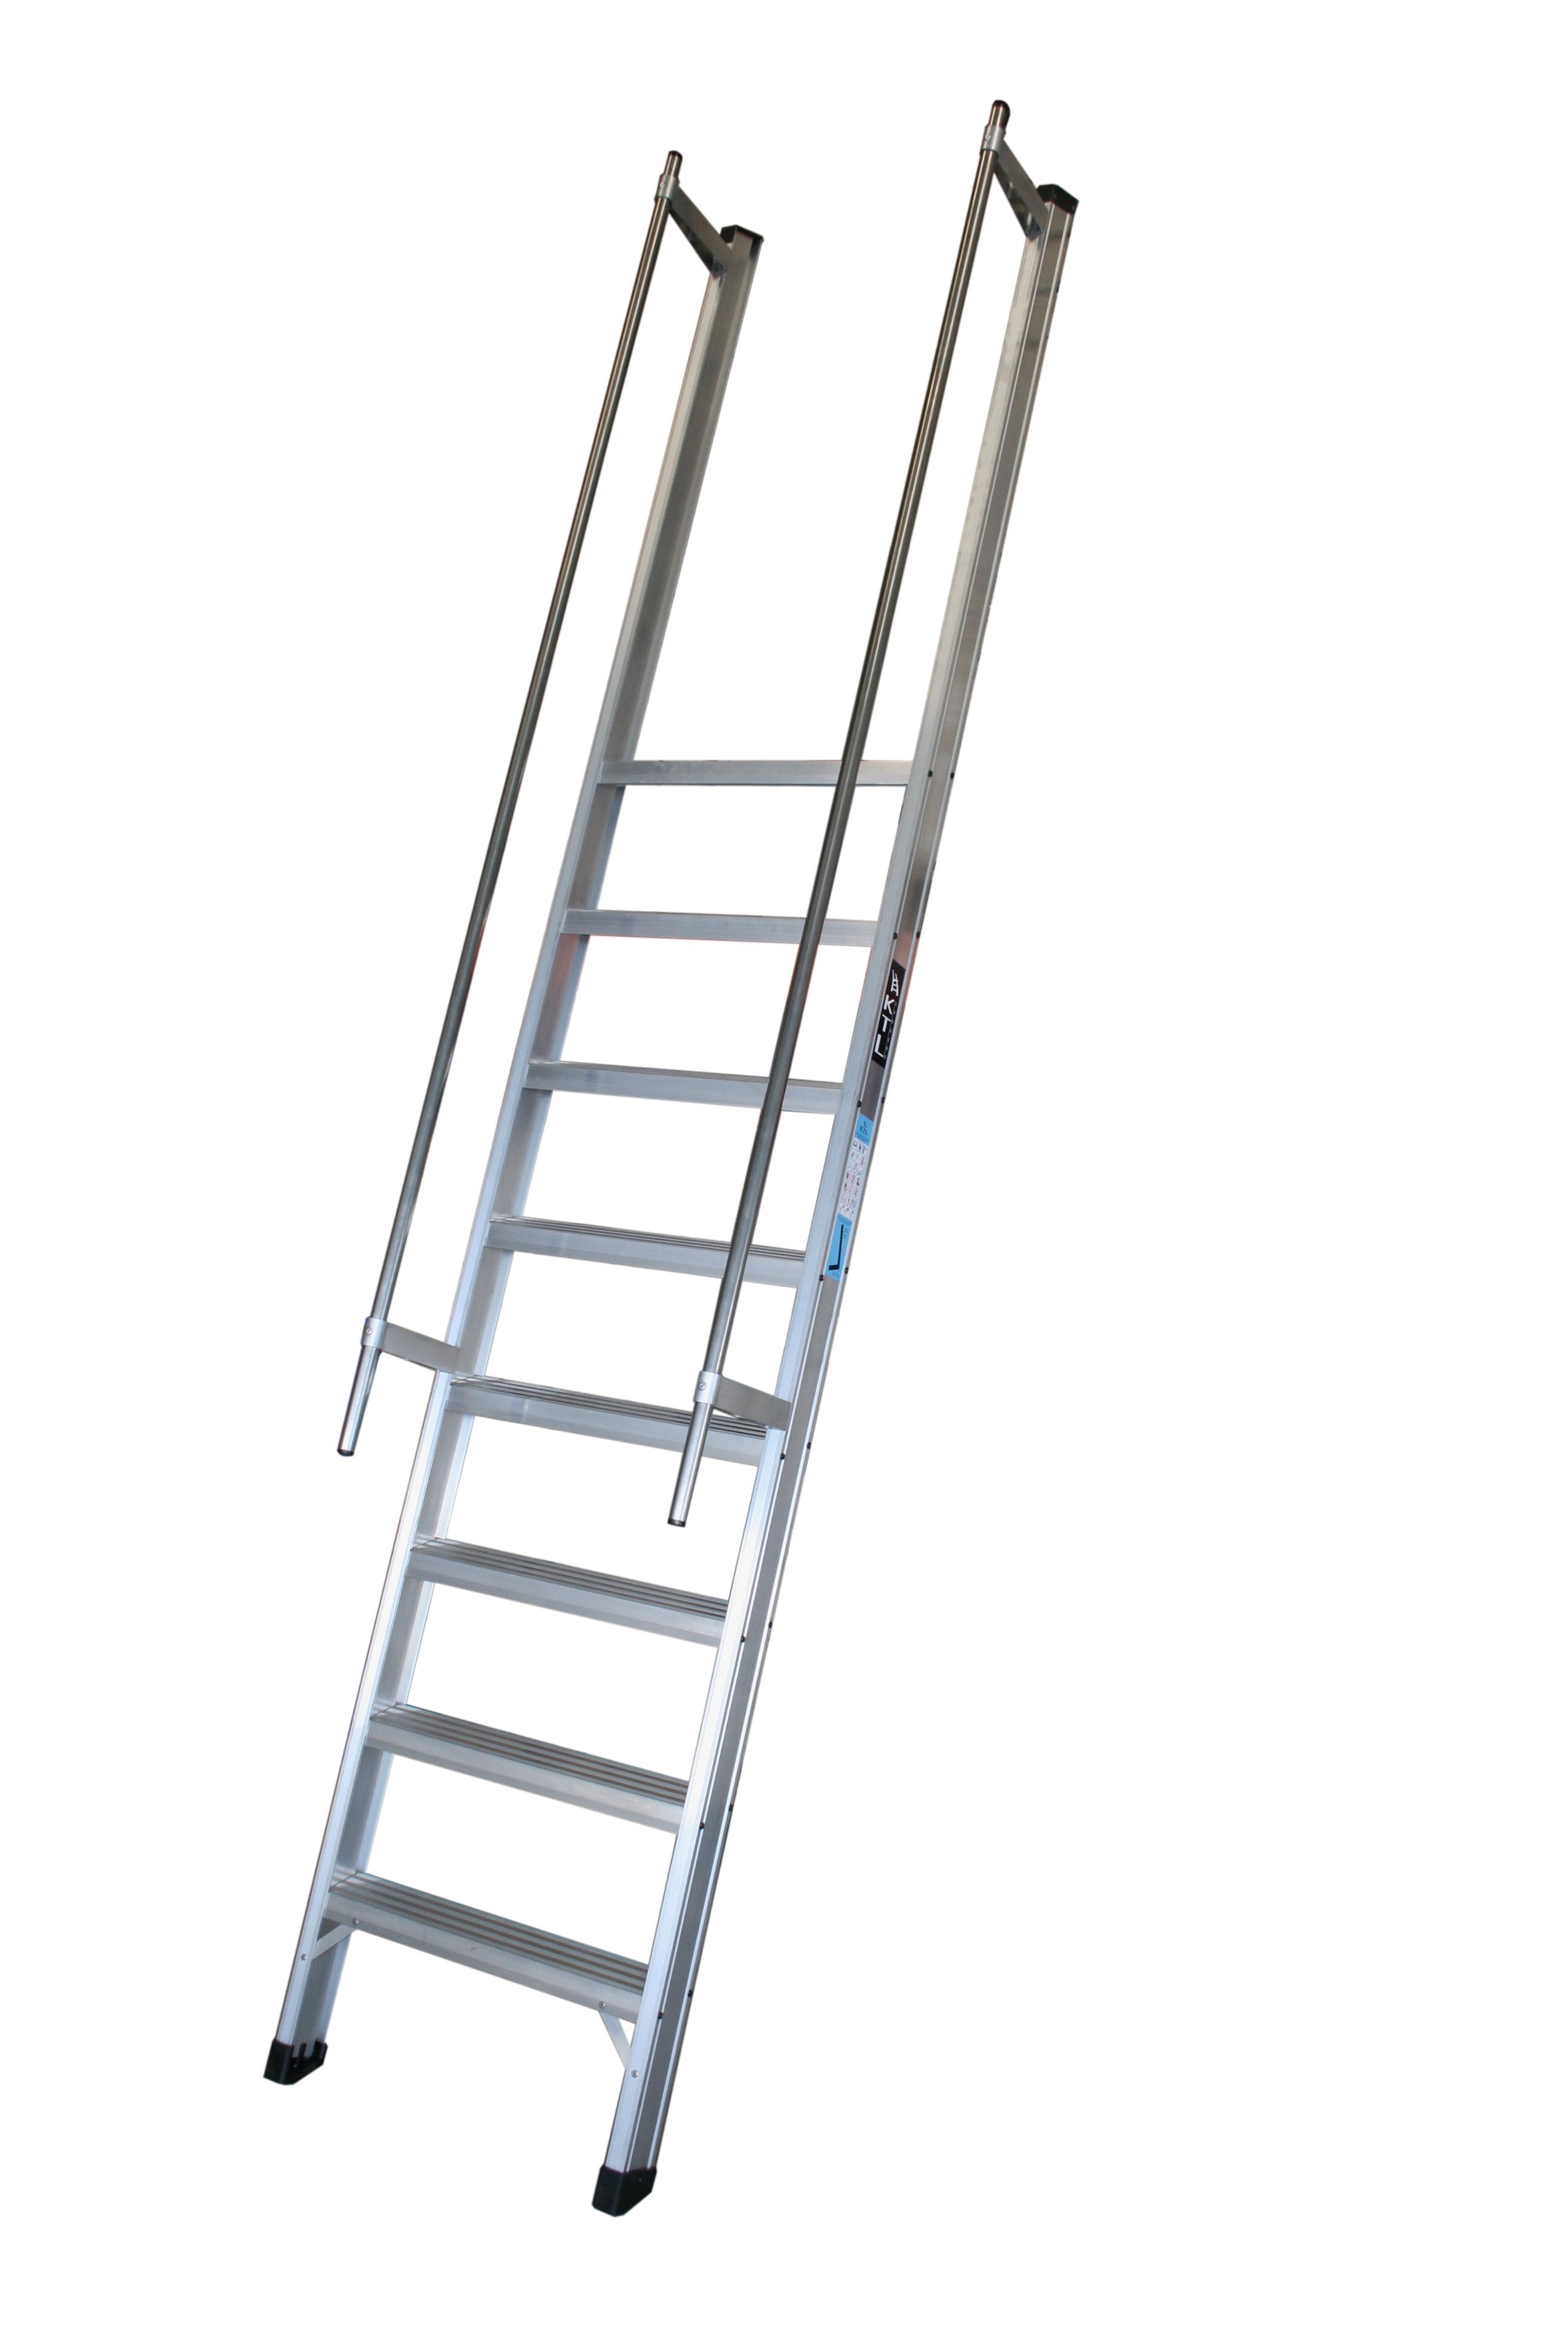 escalera de tijera xl Escalera de acceso COMFORT escalera acceso 8peld